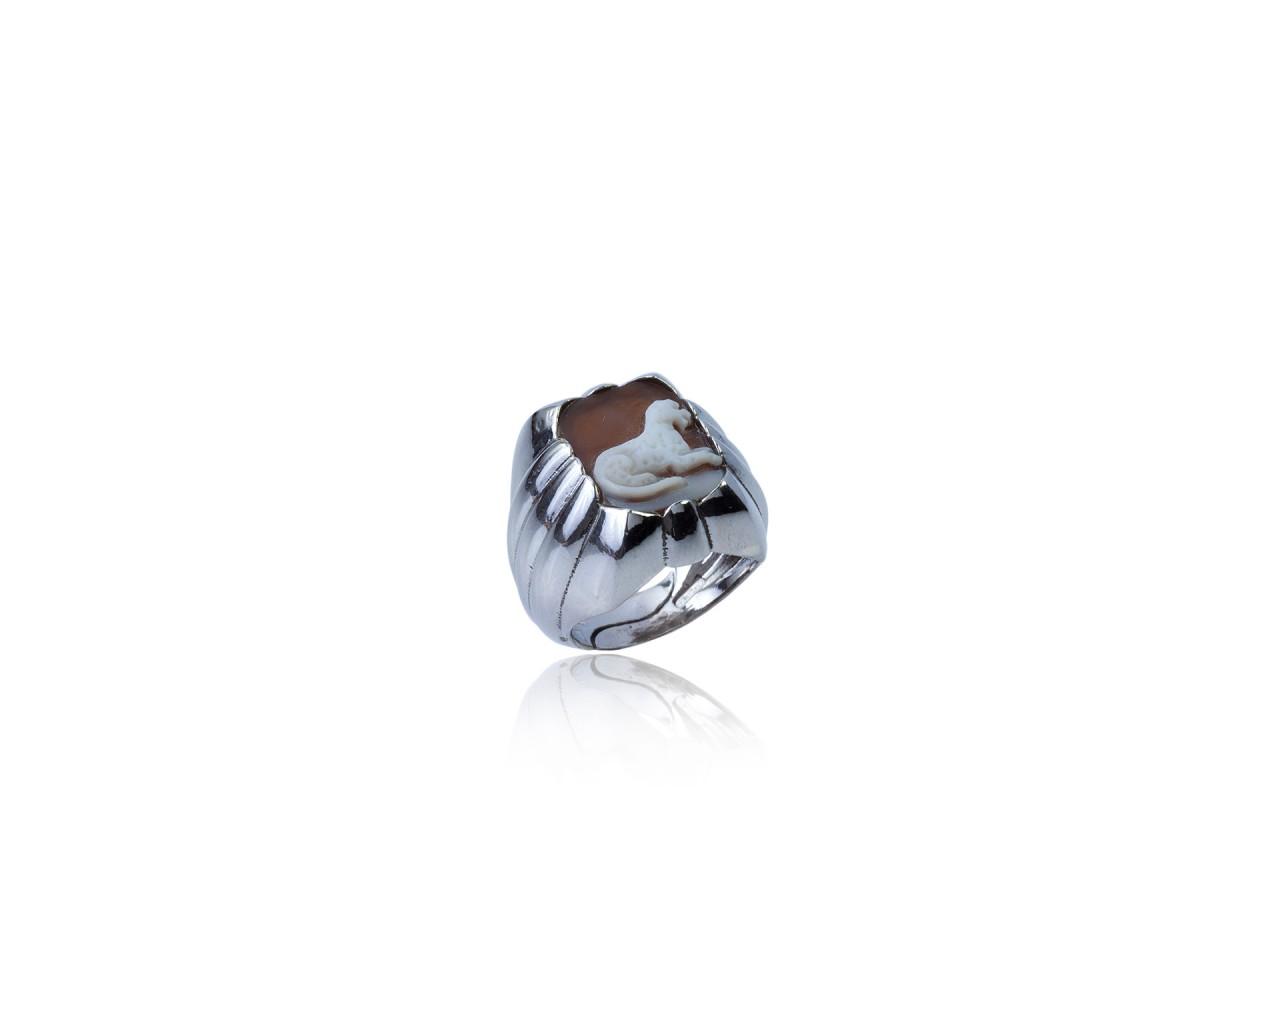 Anello in argento 925 in forma rettangolare